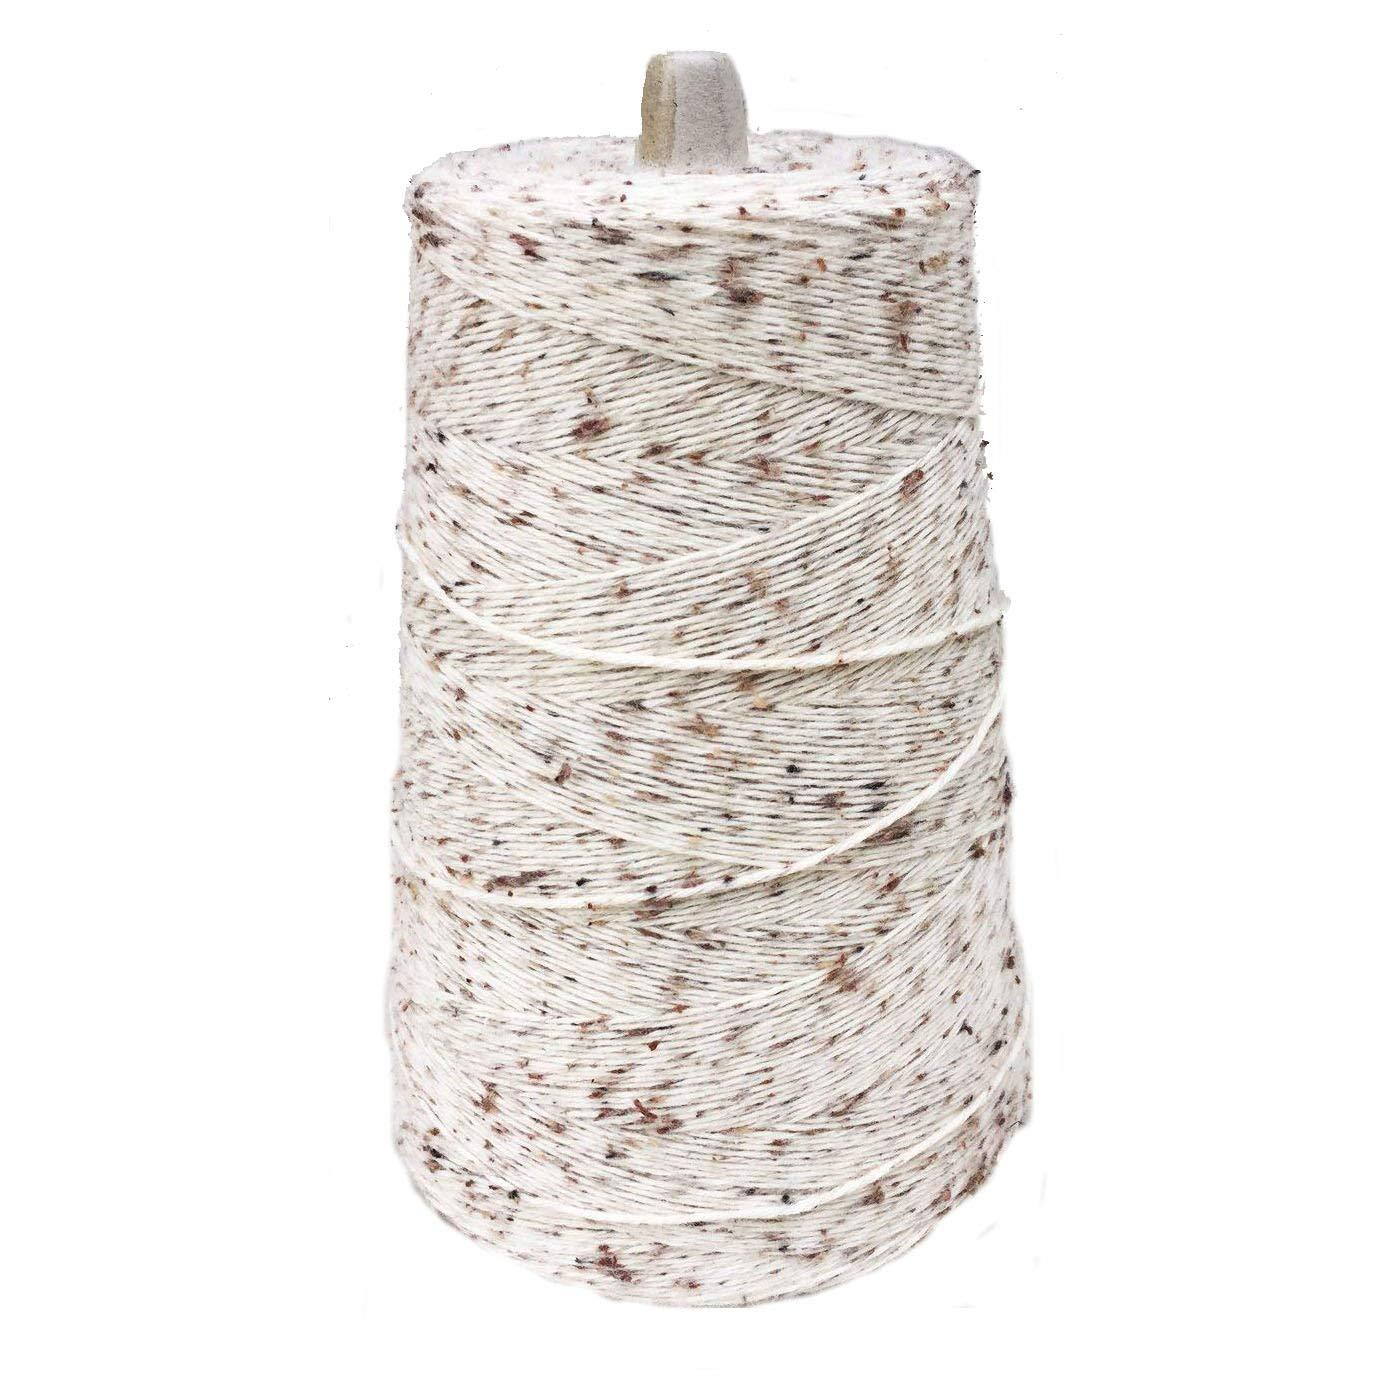 Yarn Place Tatamy Tweed Tatamy Kraemer Yarn 1 Cone Lot DK Weight #114 2 lbs